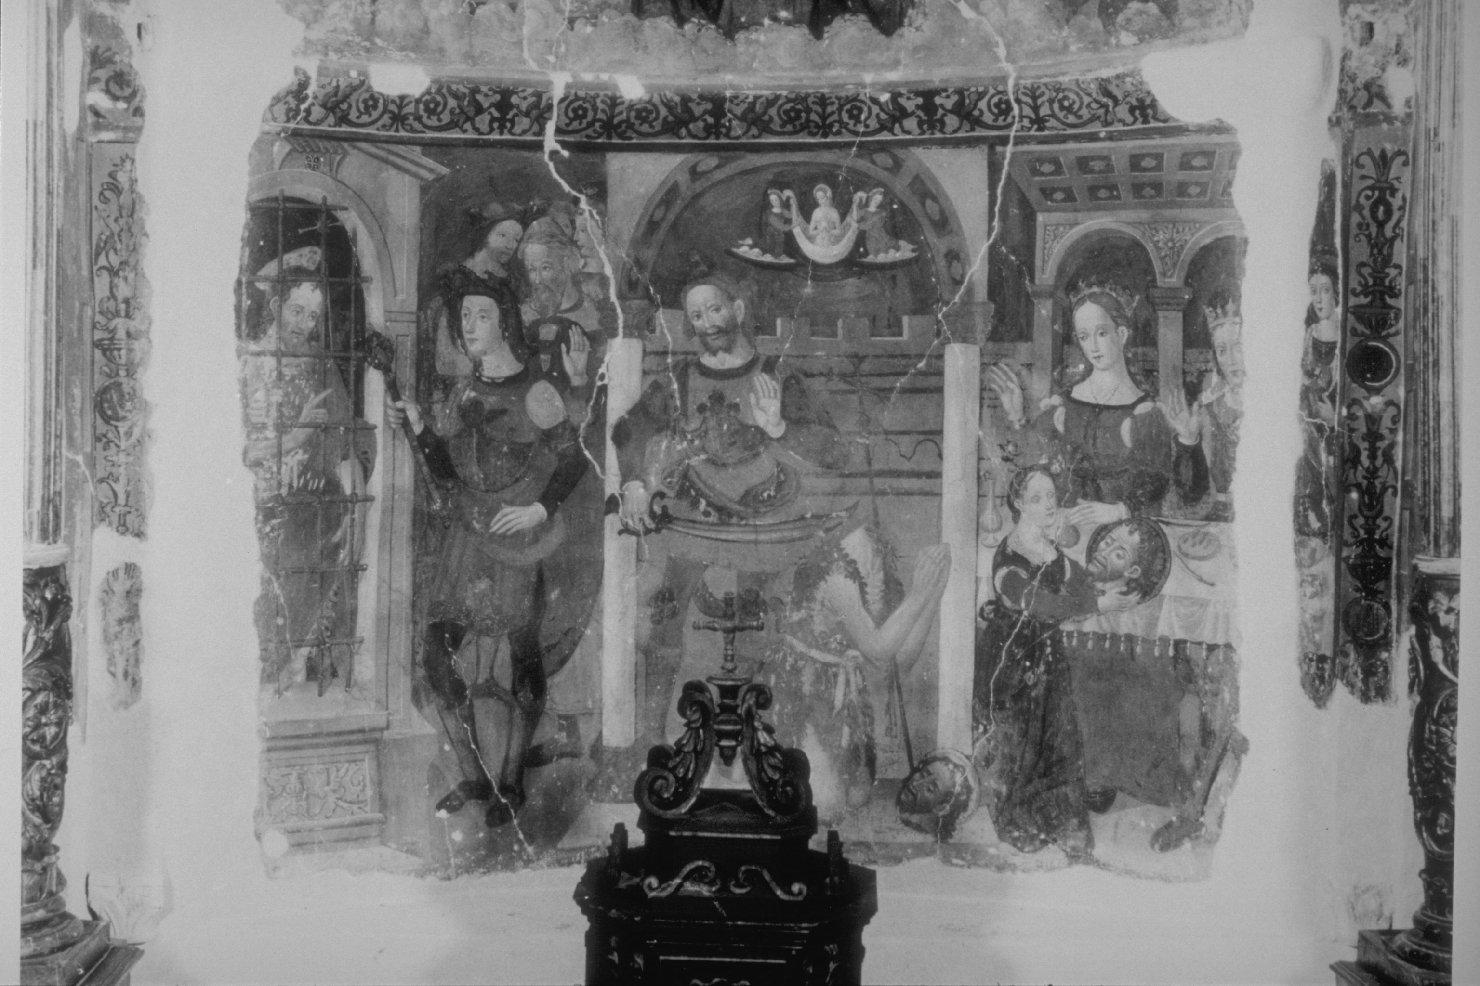 storie della vita di San Giovanni Battista (dipinto, ciclo) di Giovanni di Pietro detto Spagna (cerchia) (sec. XVI)